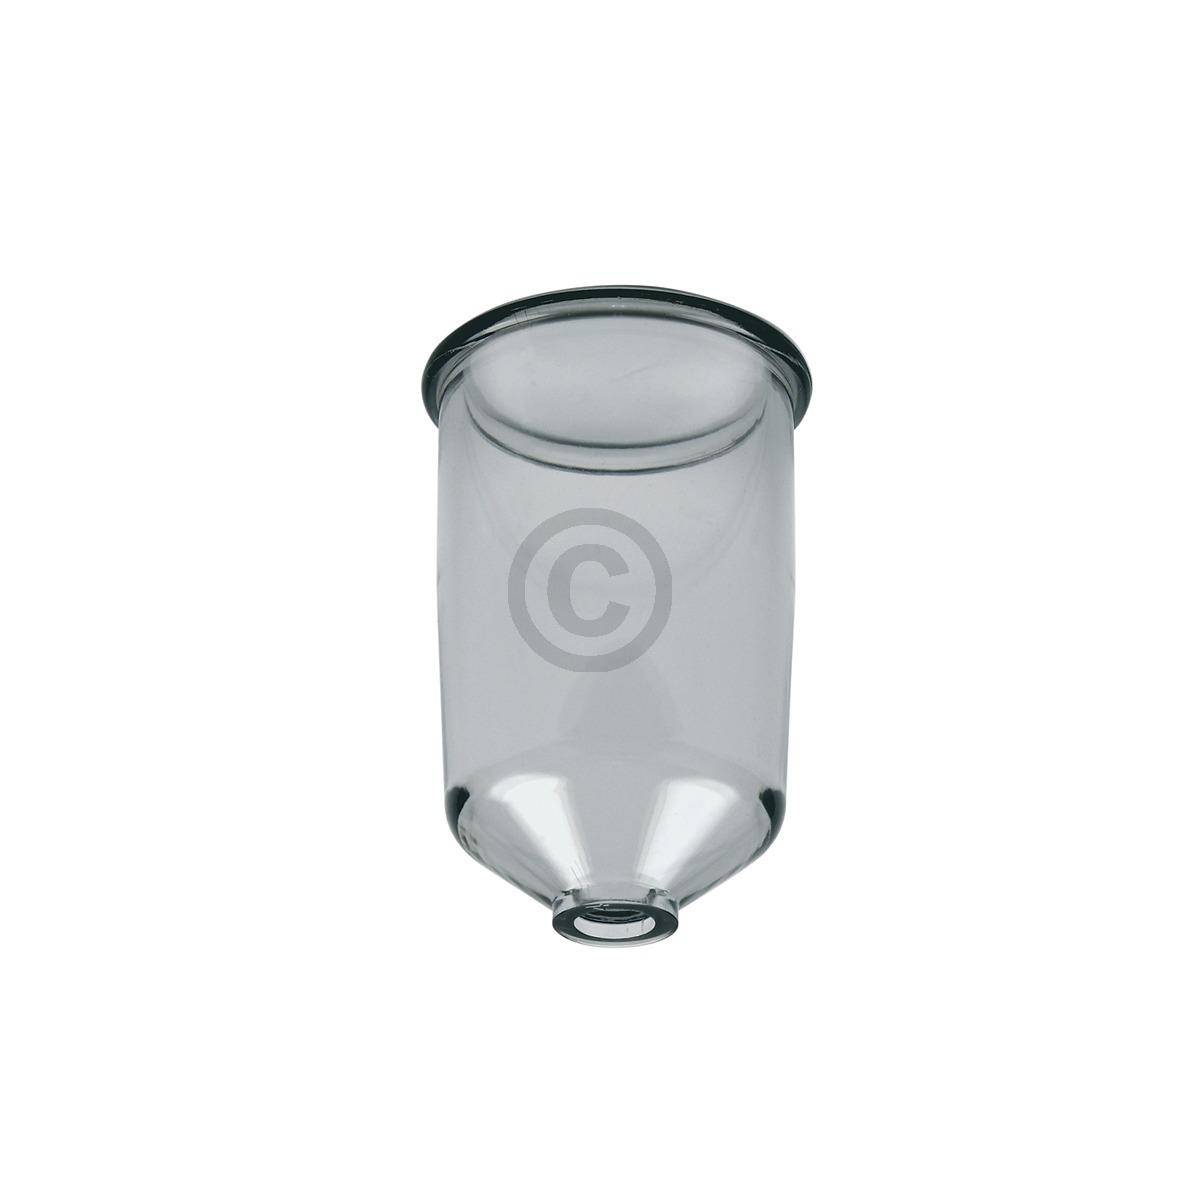 Einfülltrichter Bosch 00263816 für Mixbecher Küchenmaschine Standmixer